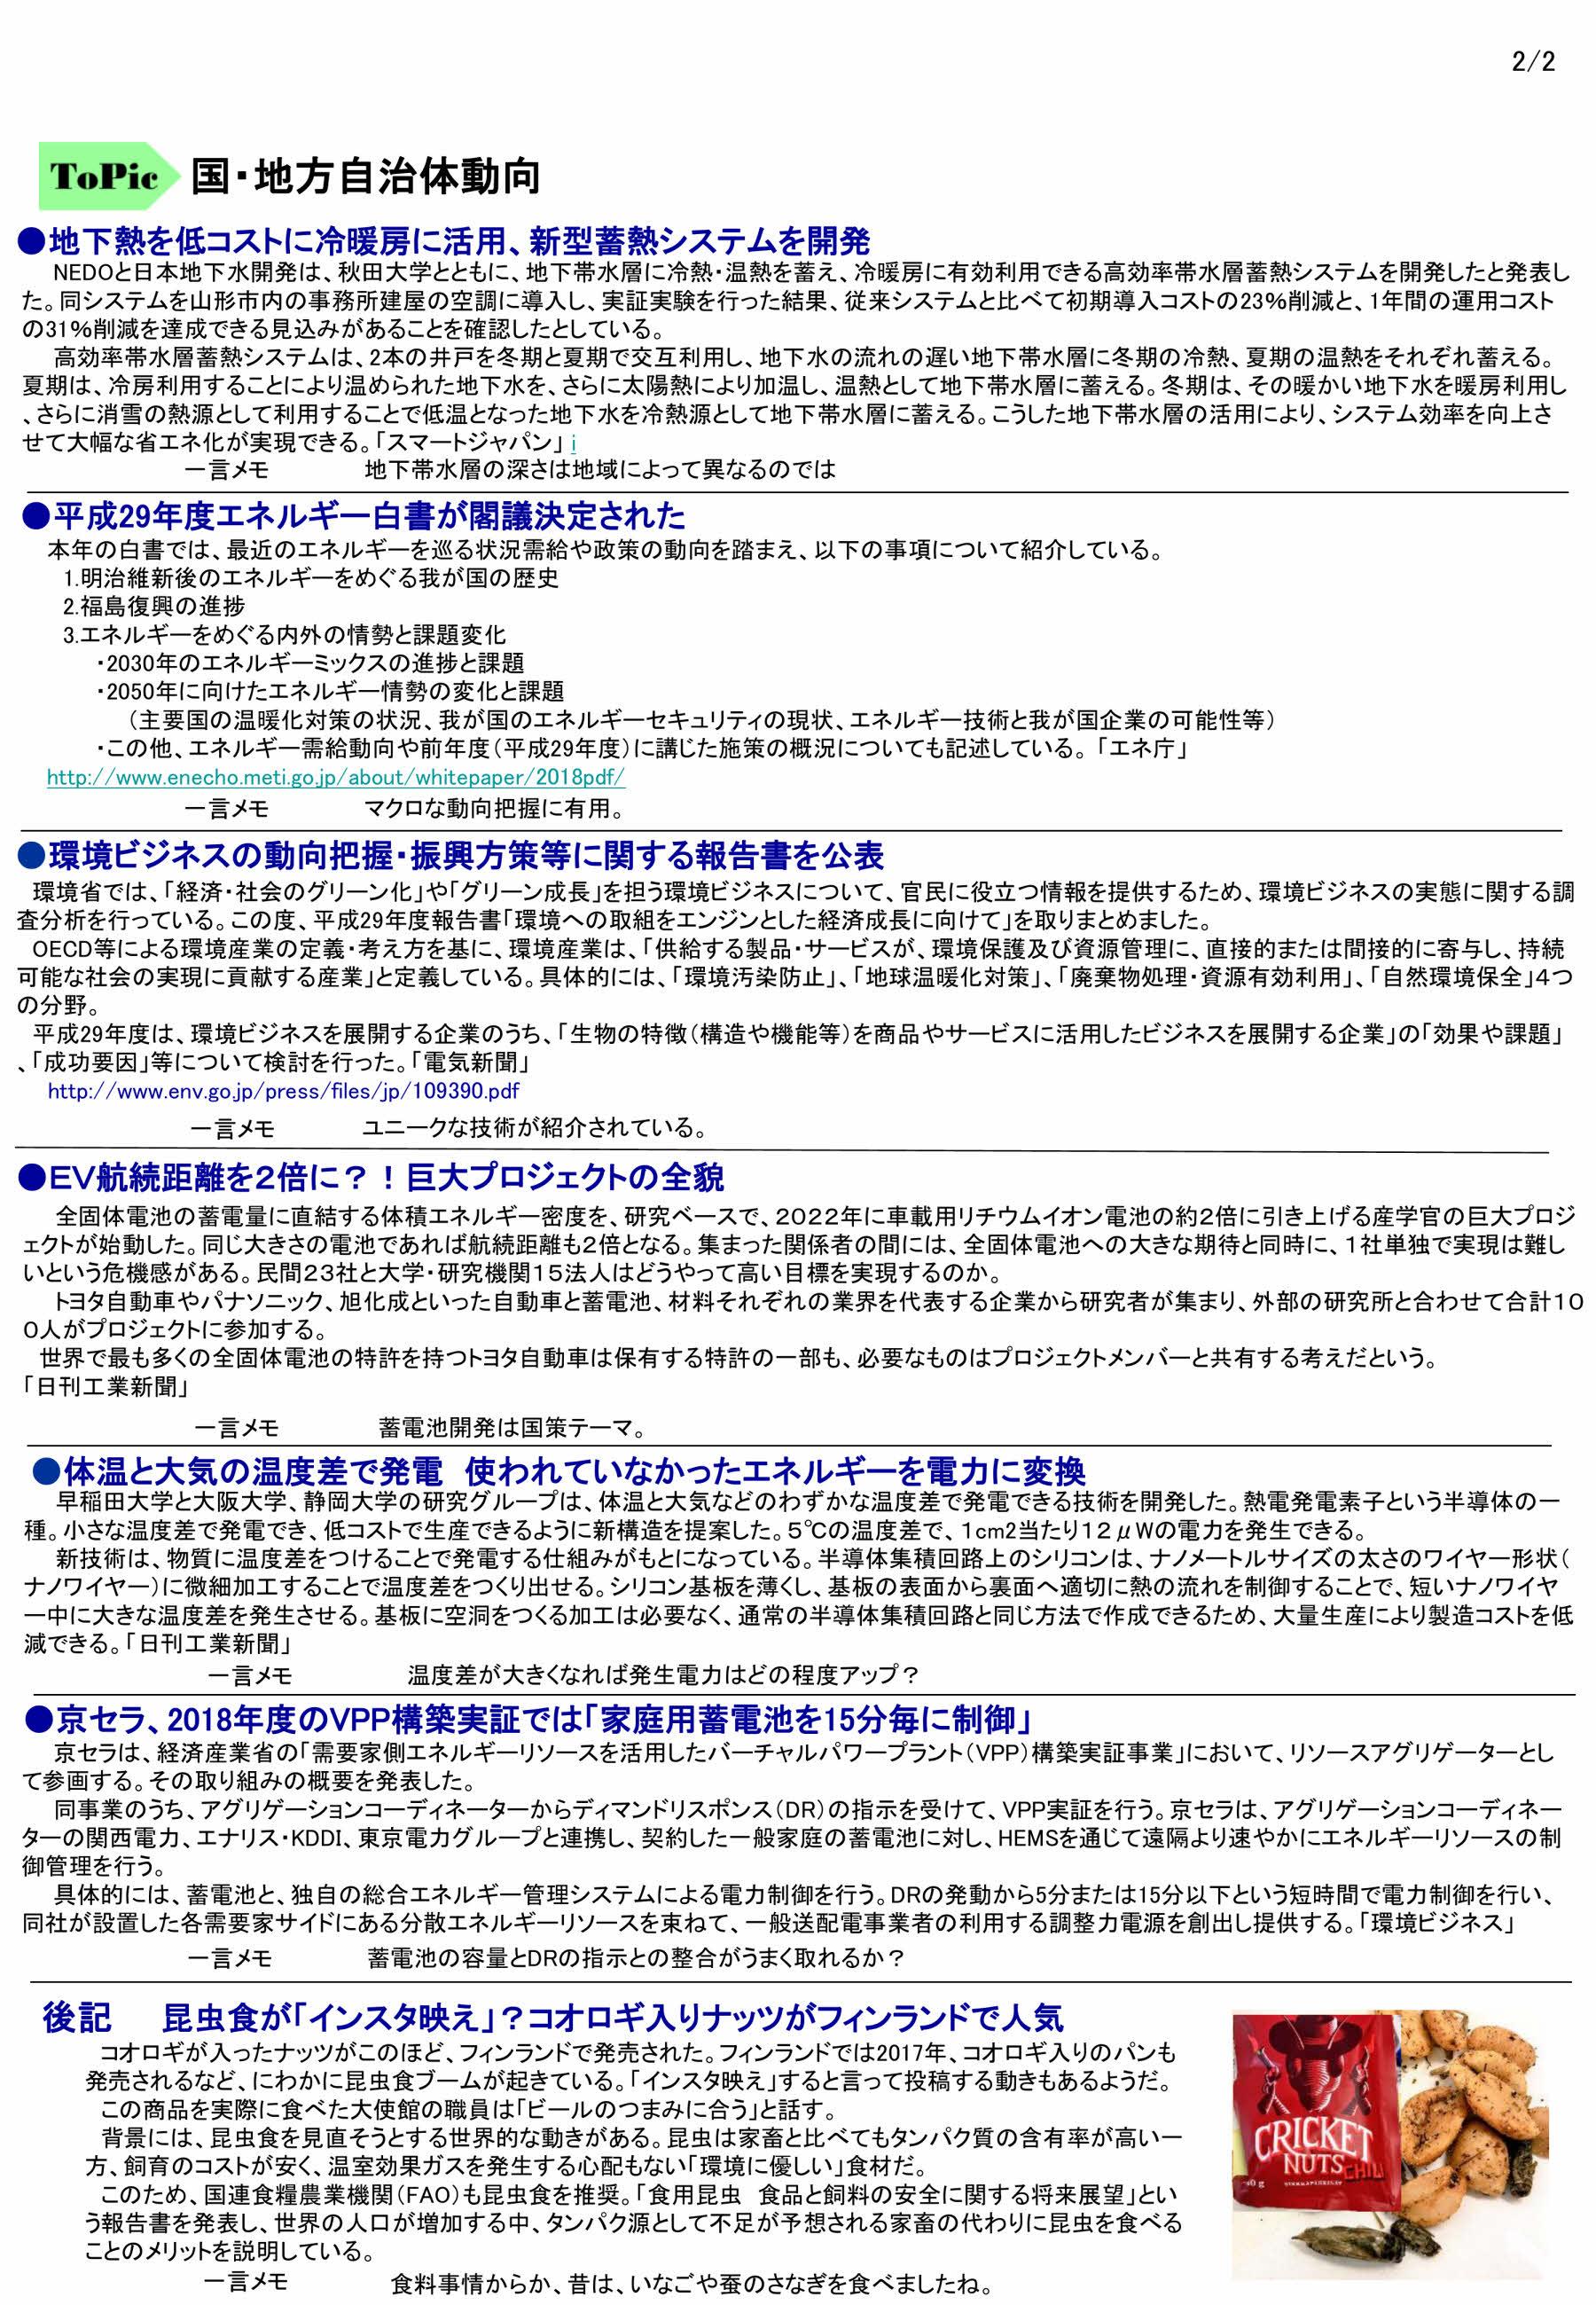 資源エネレポート -N0.51-